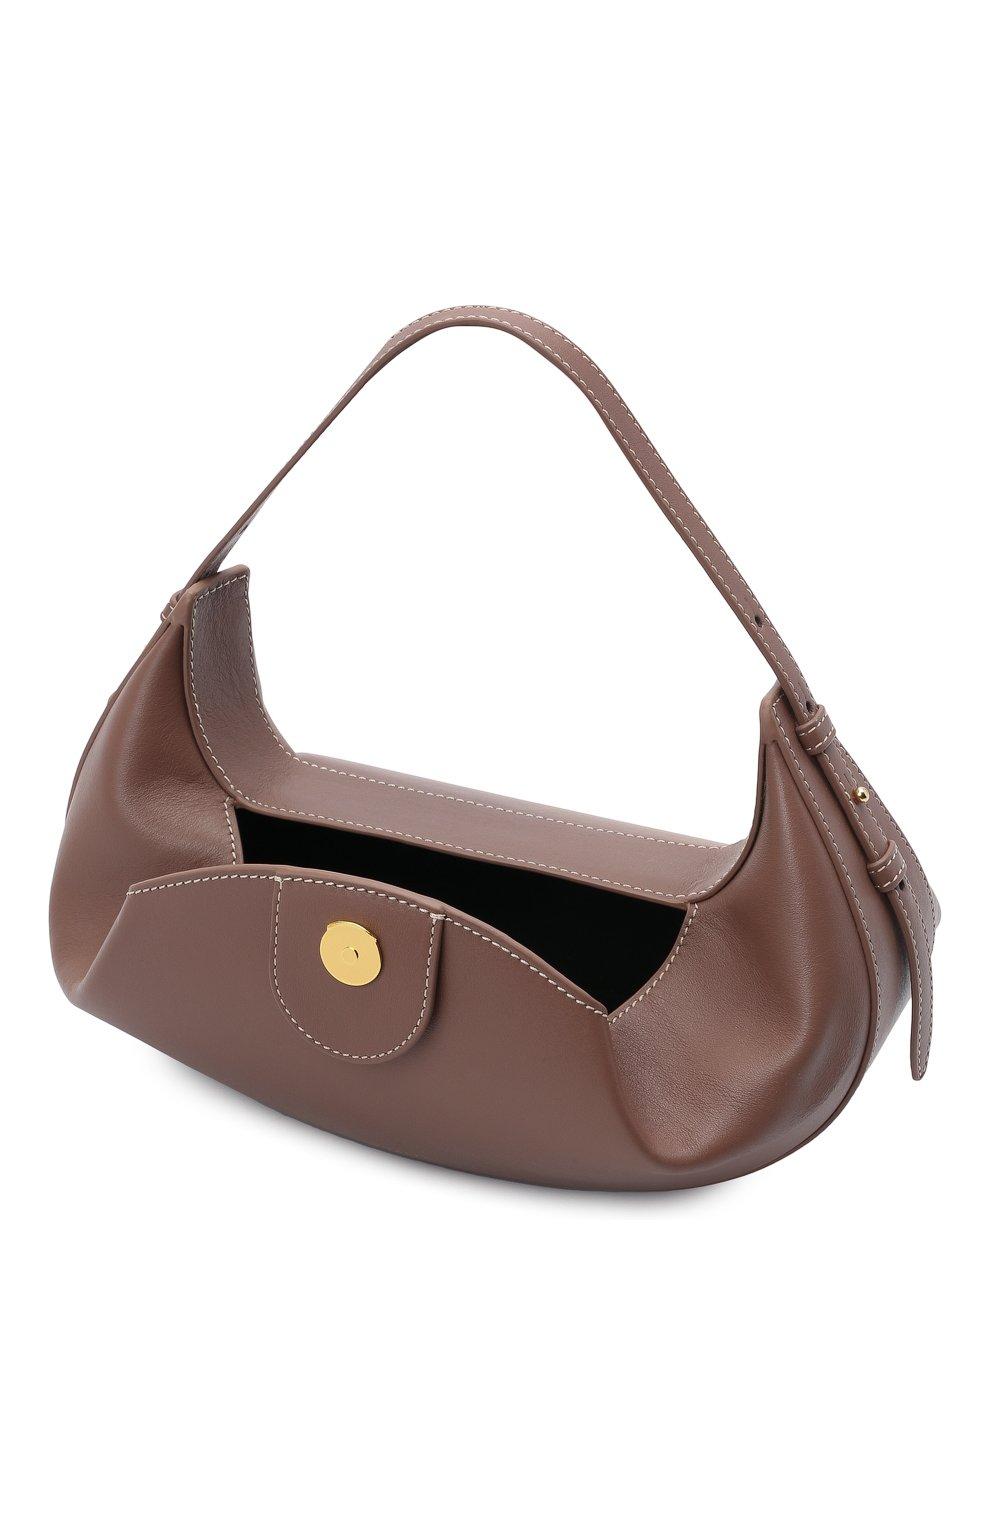 Женская сумка fortune cookie YUZEFI коричневого цвета, арт. YUZPF21-HB-FC-14 | Фото 4 (Сумки-технические: Сумки top-handle; Размер: medium; Материал: Натуральная кожа)